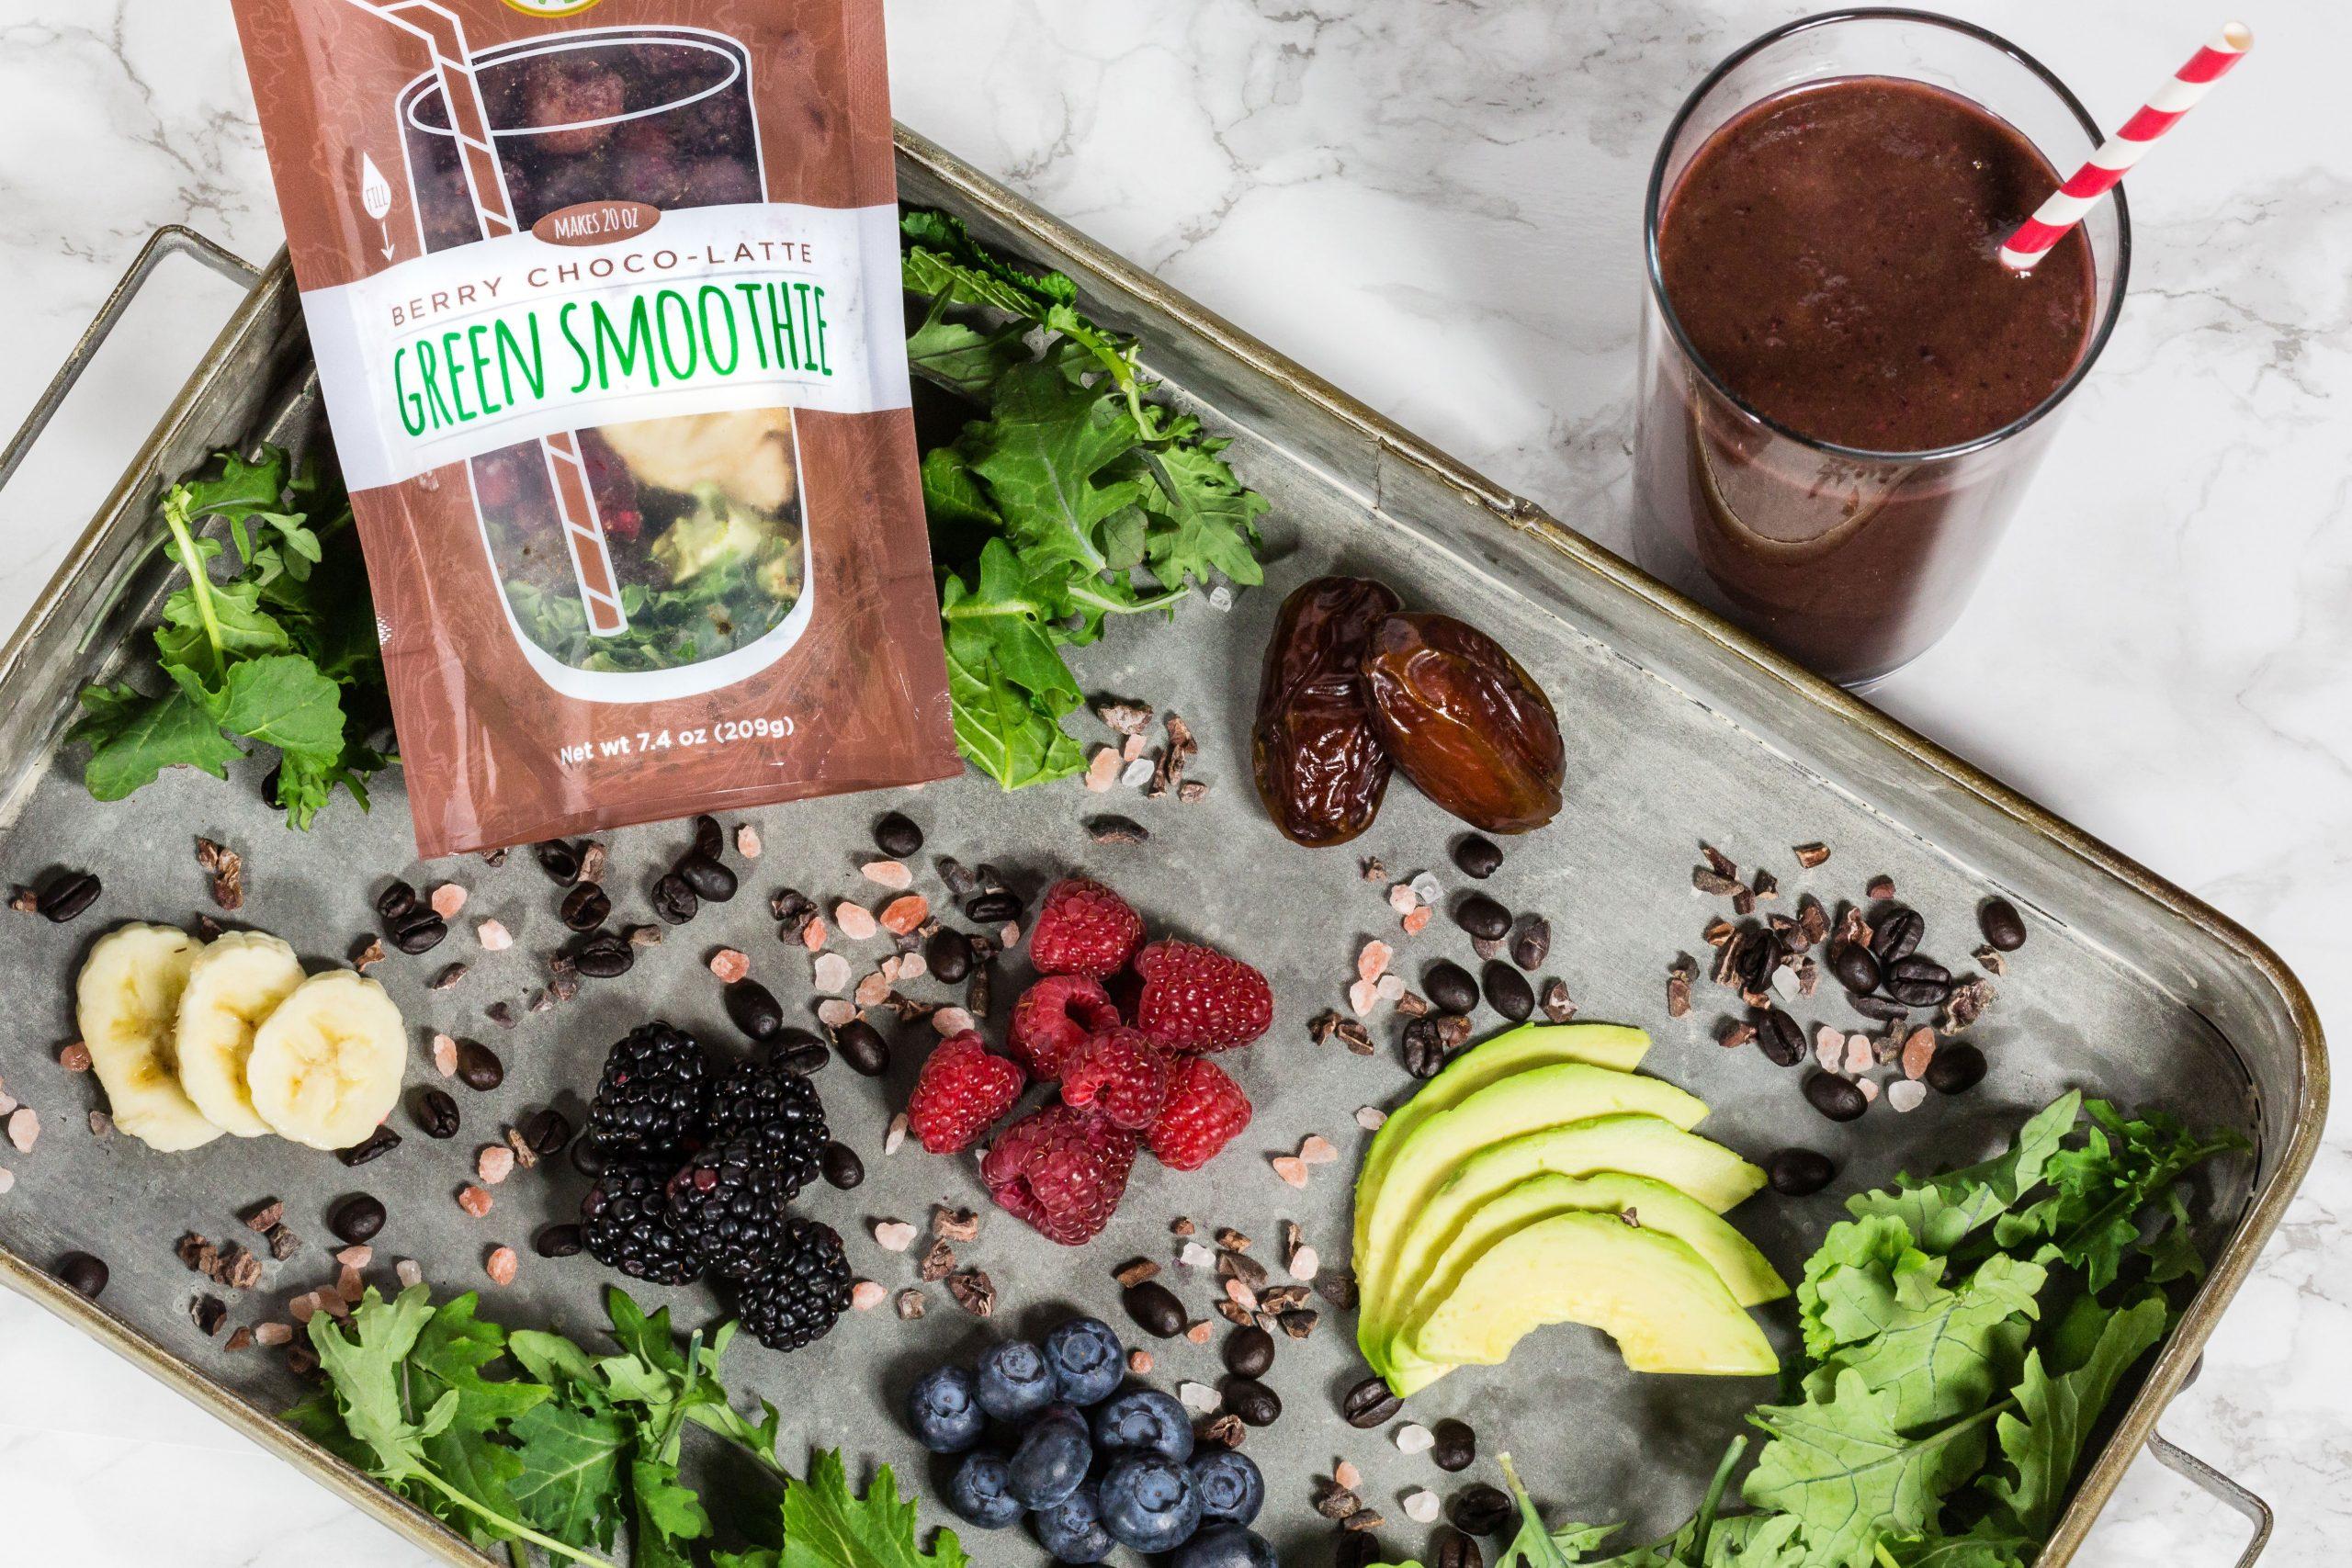 Frozen Garden Berry Choco Latte Ingredients